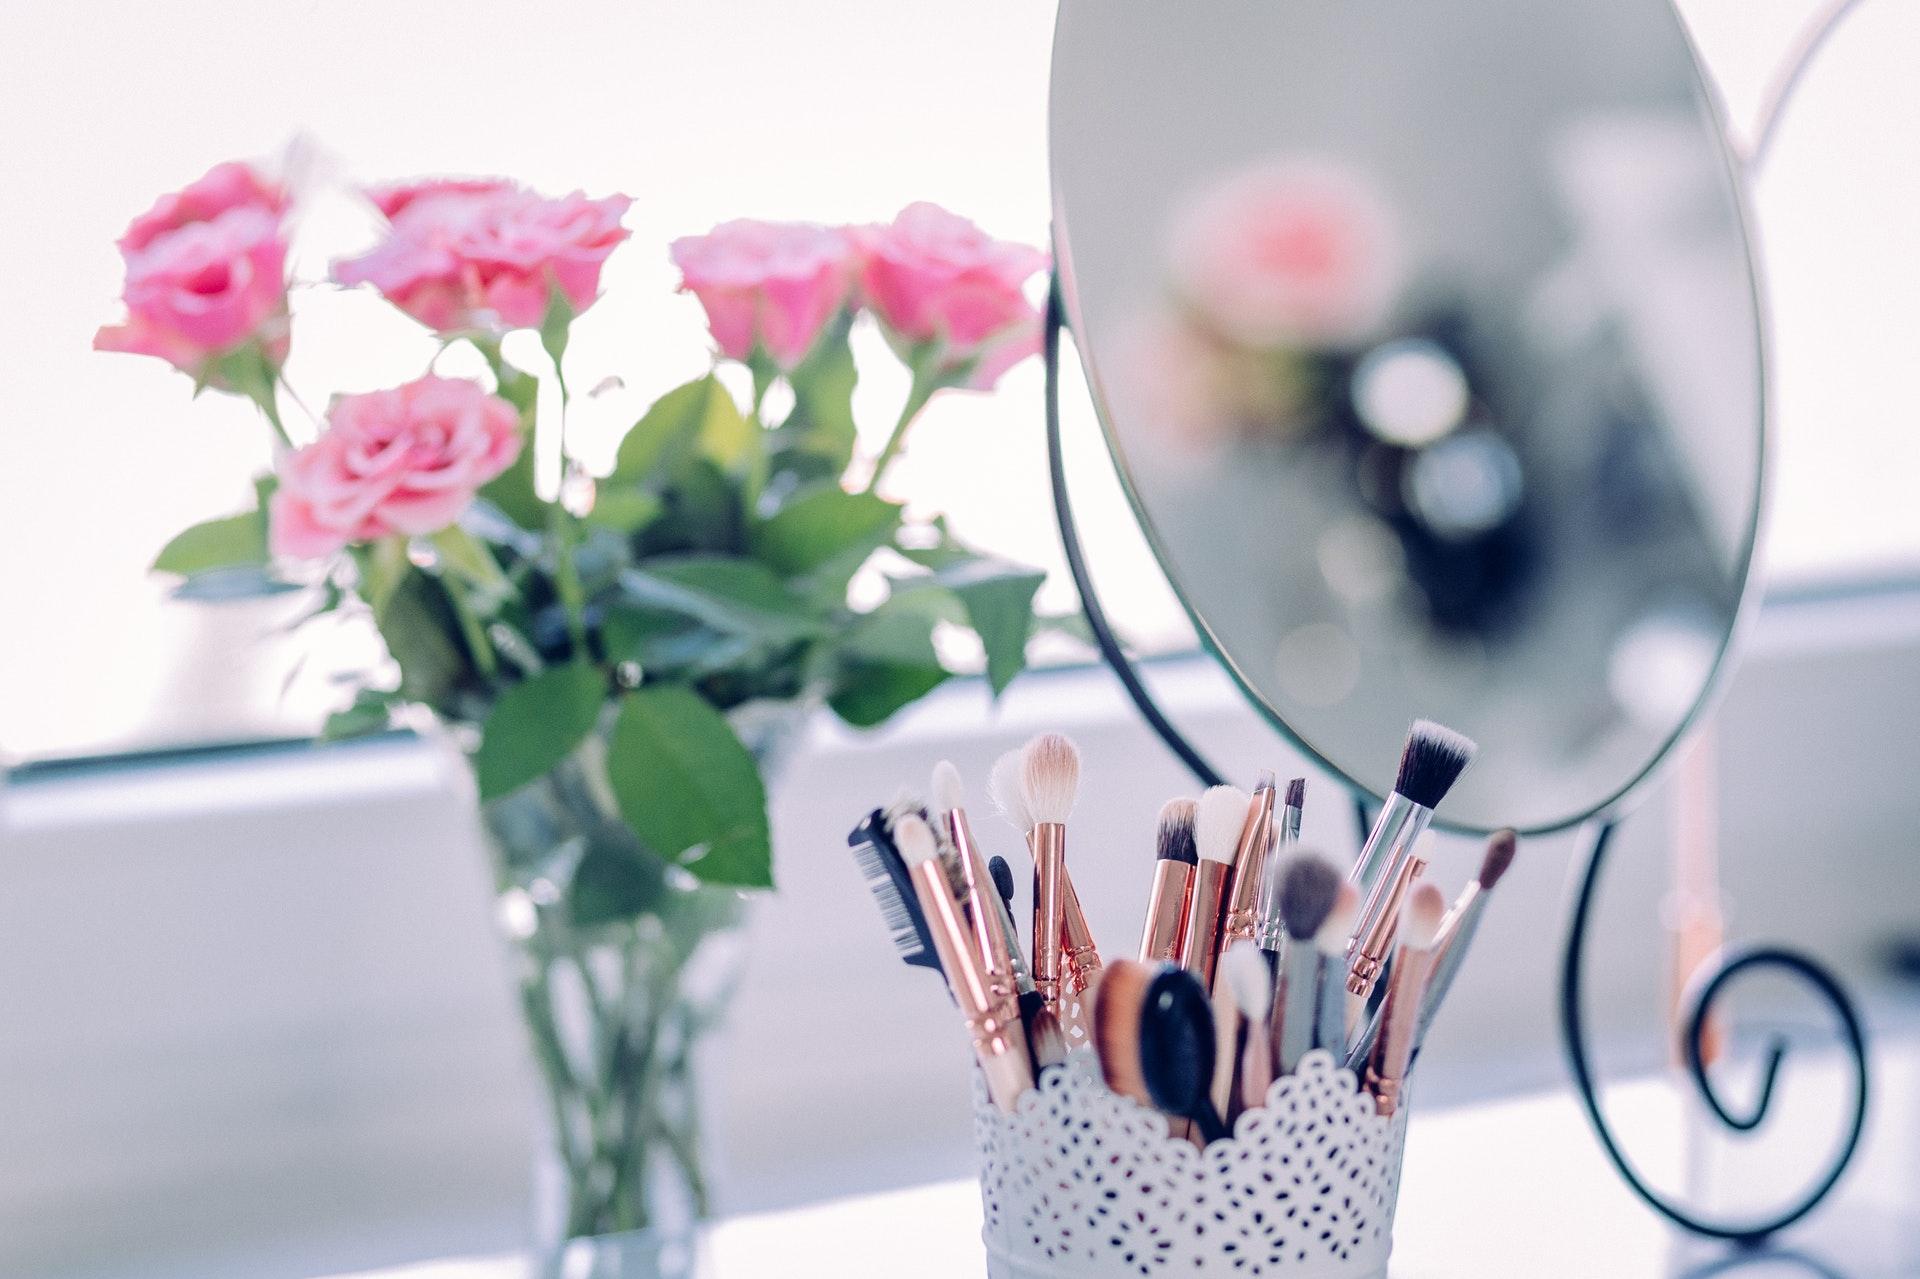 鏡の前の化粧品